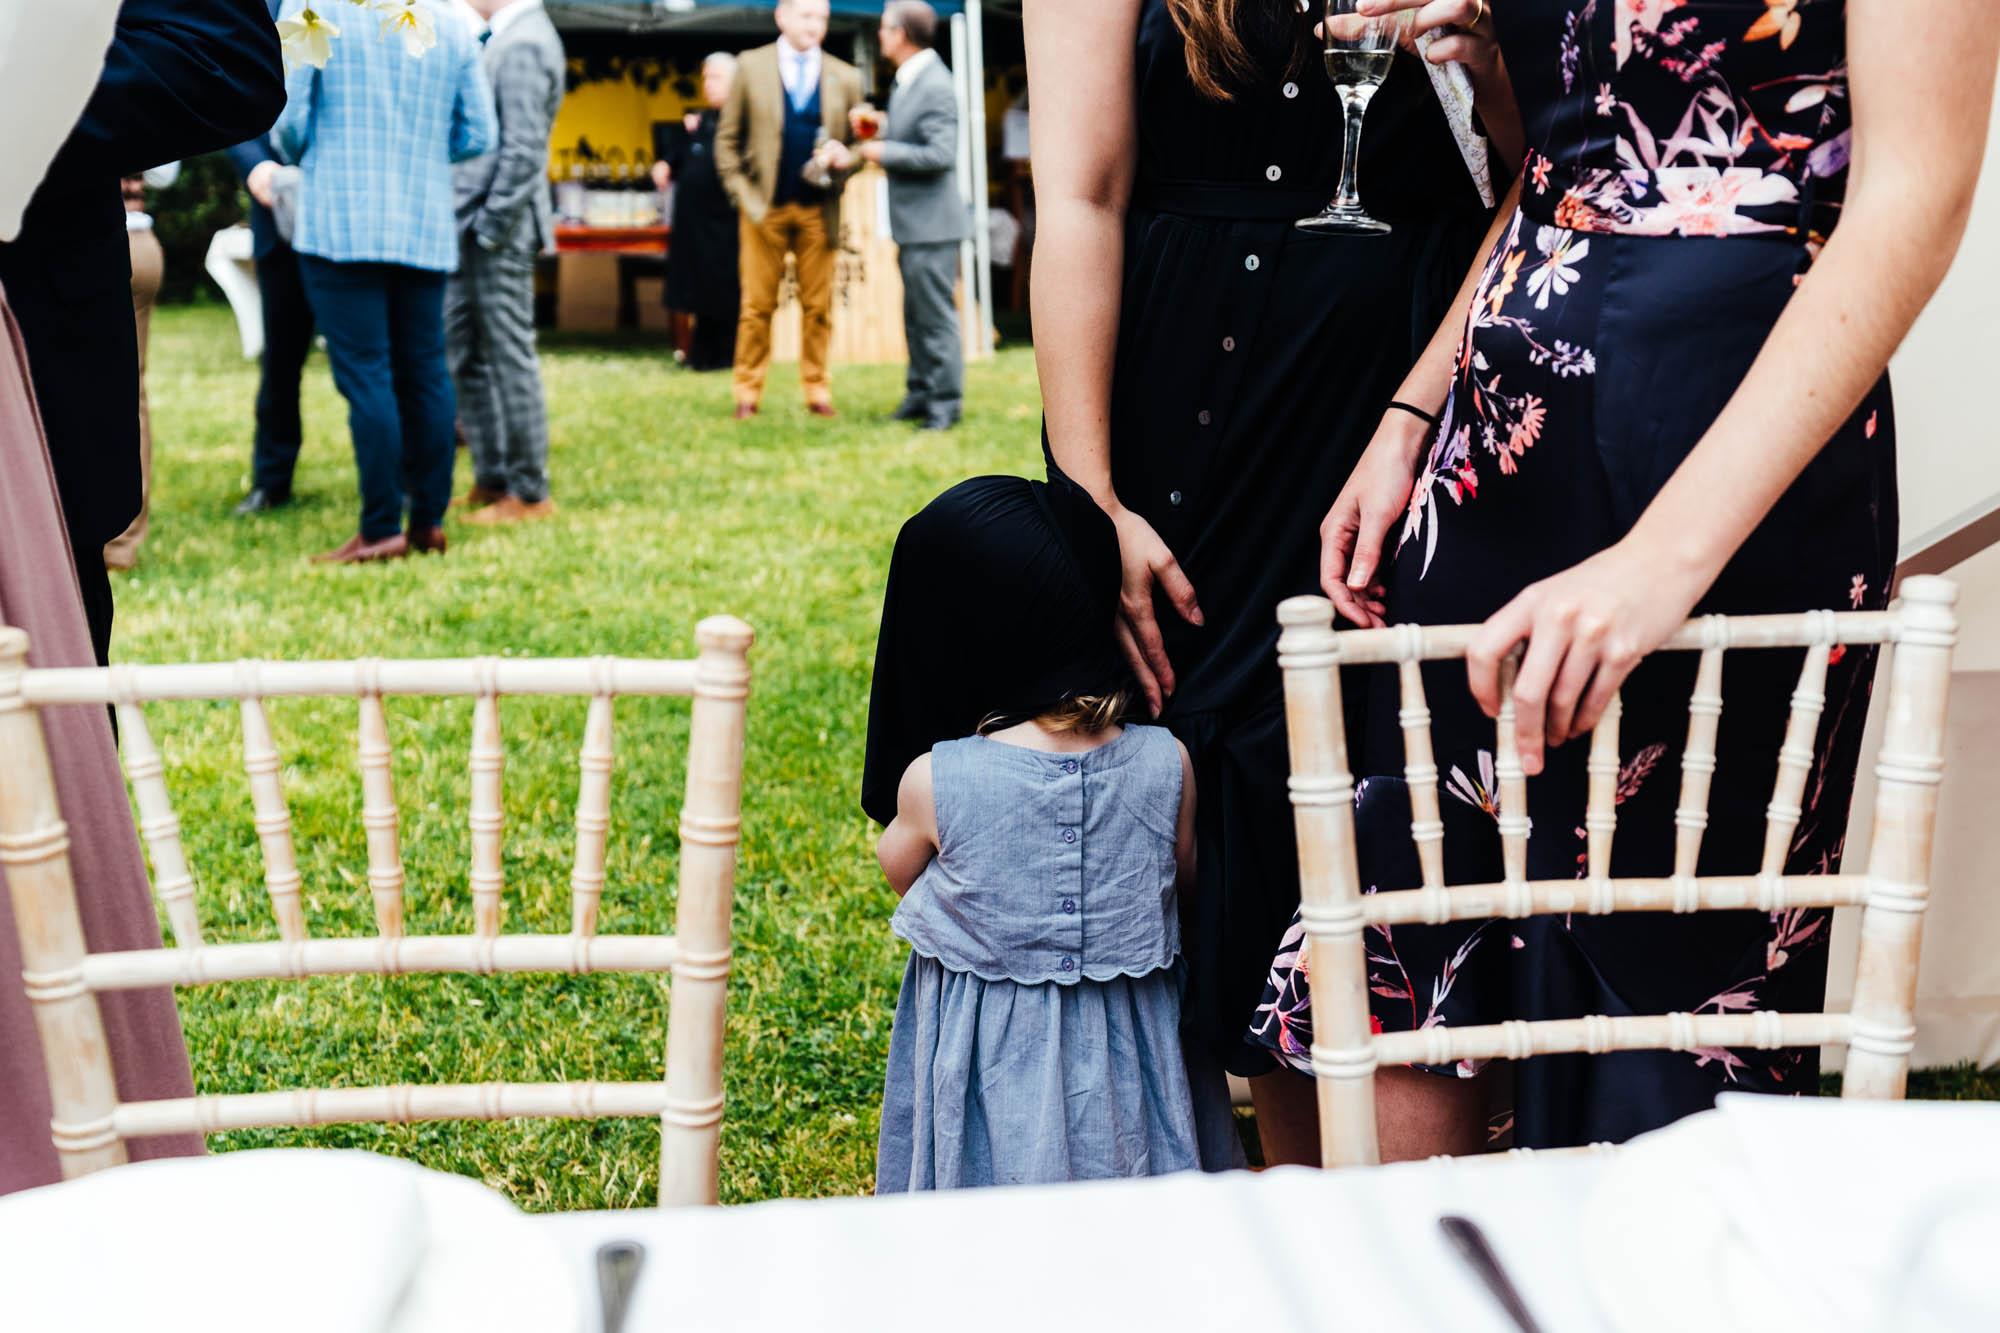 village-fete-wedding-47